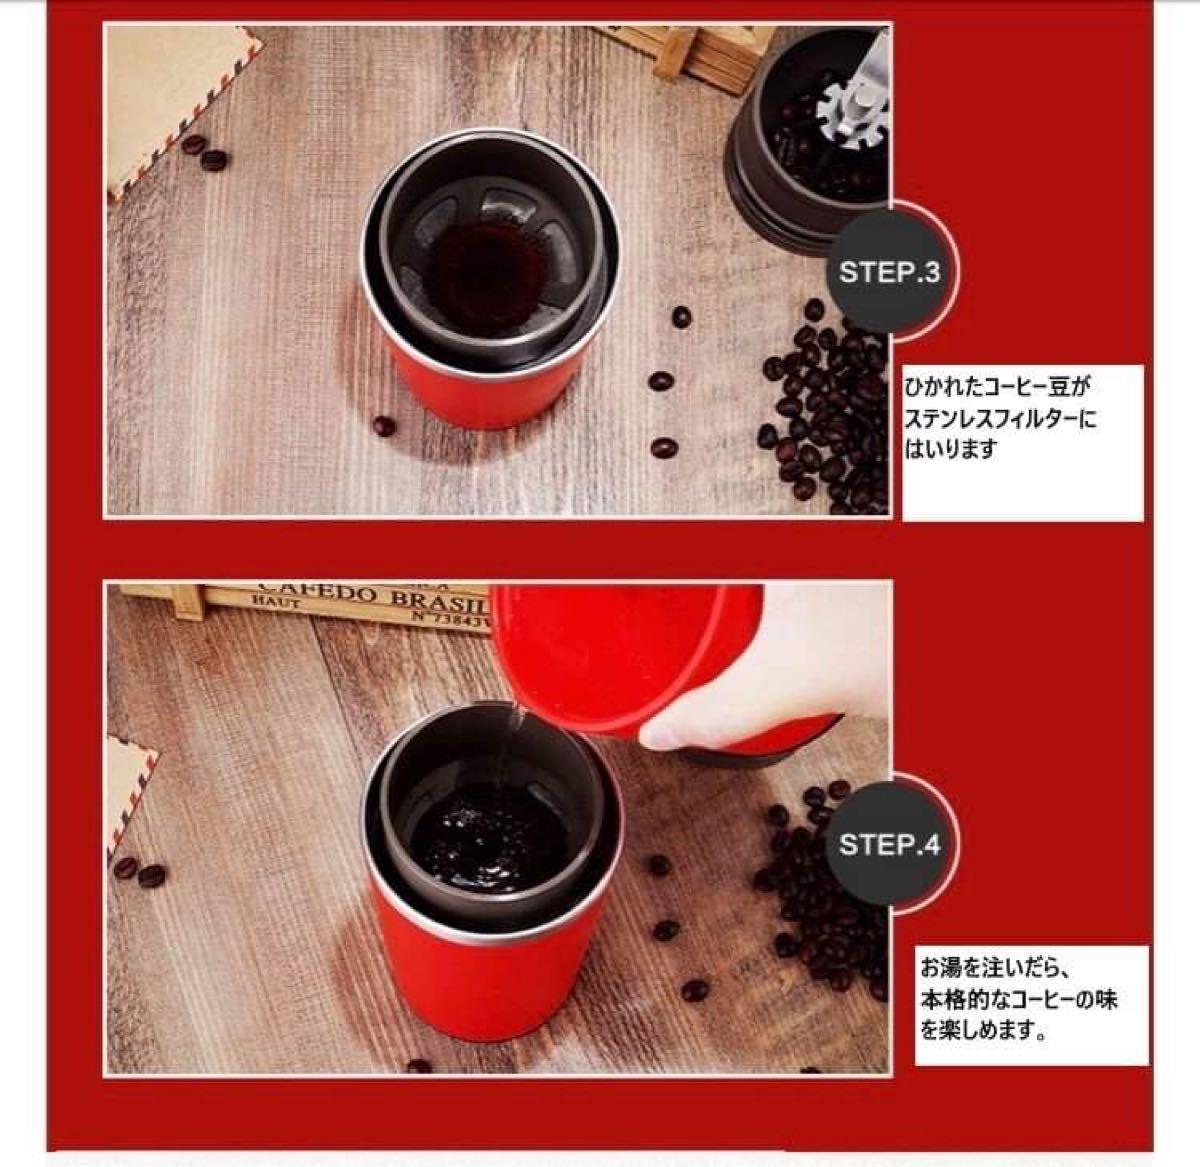 オールインワンコーヒーメーカー 手動コーヒーミル アウトドア用品